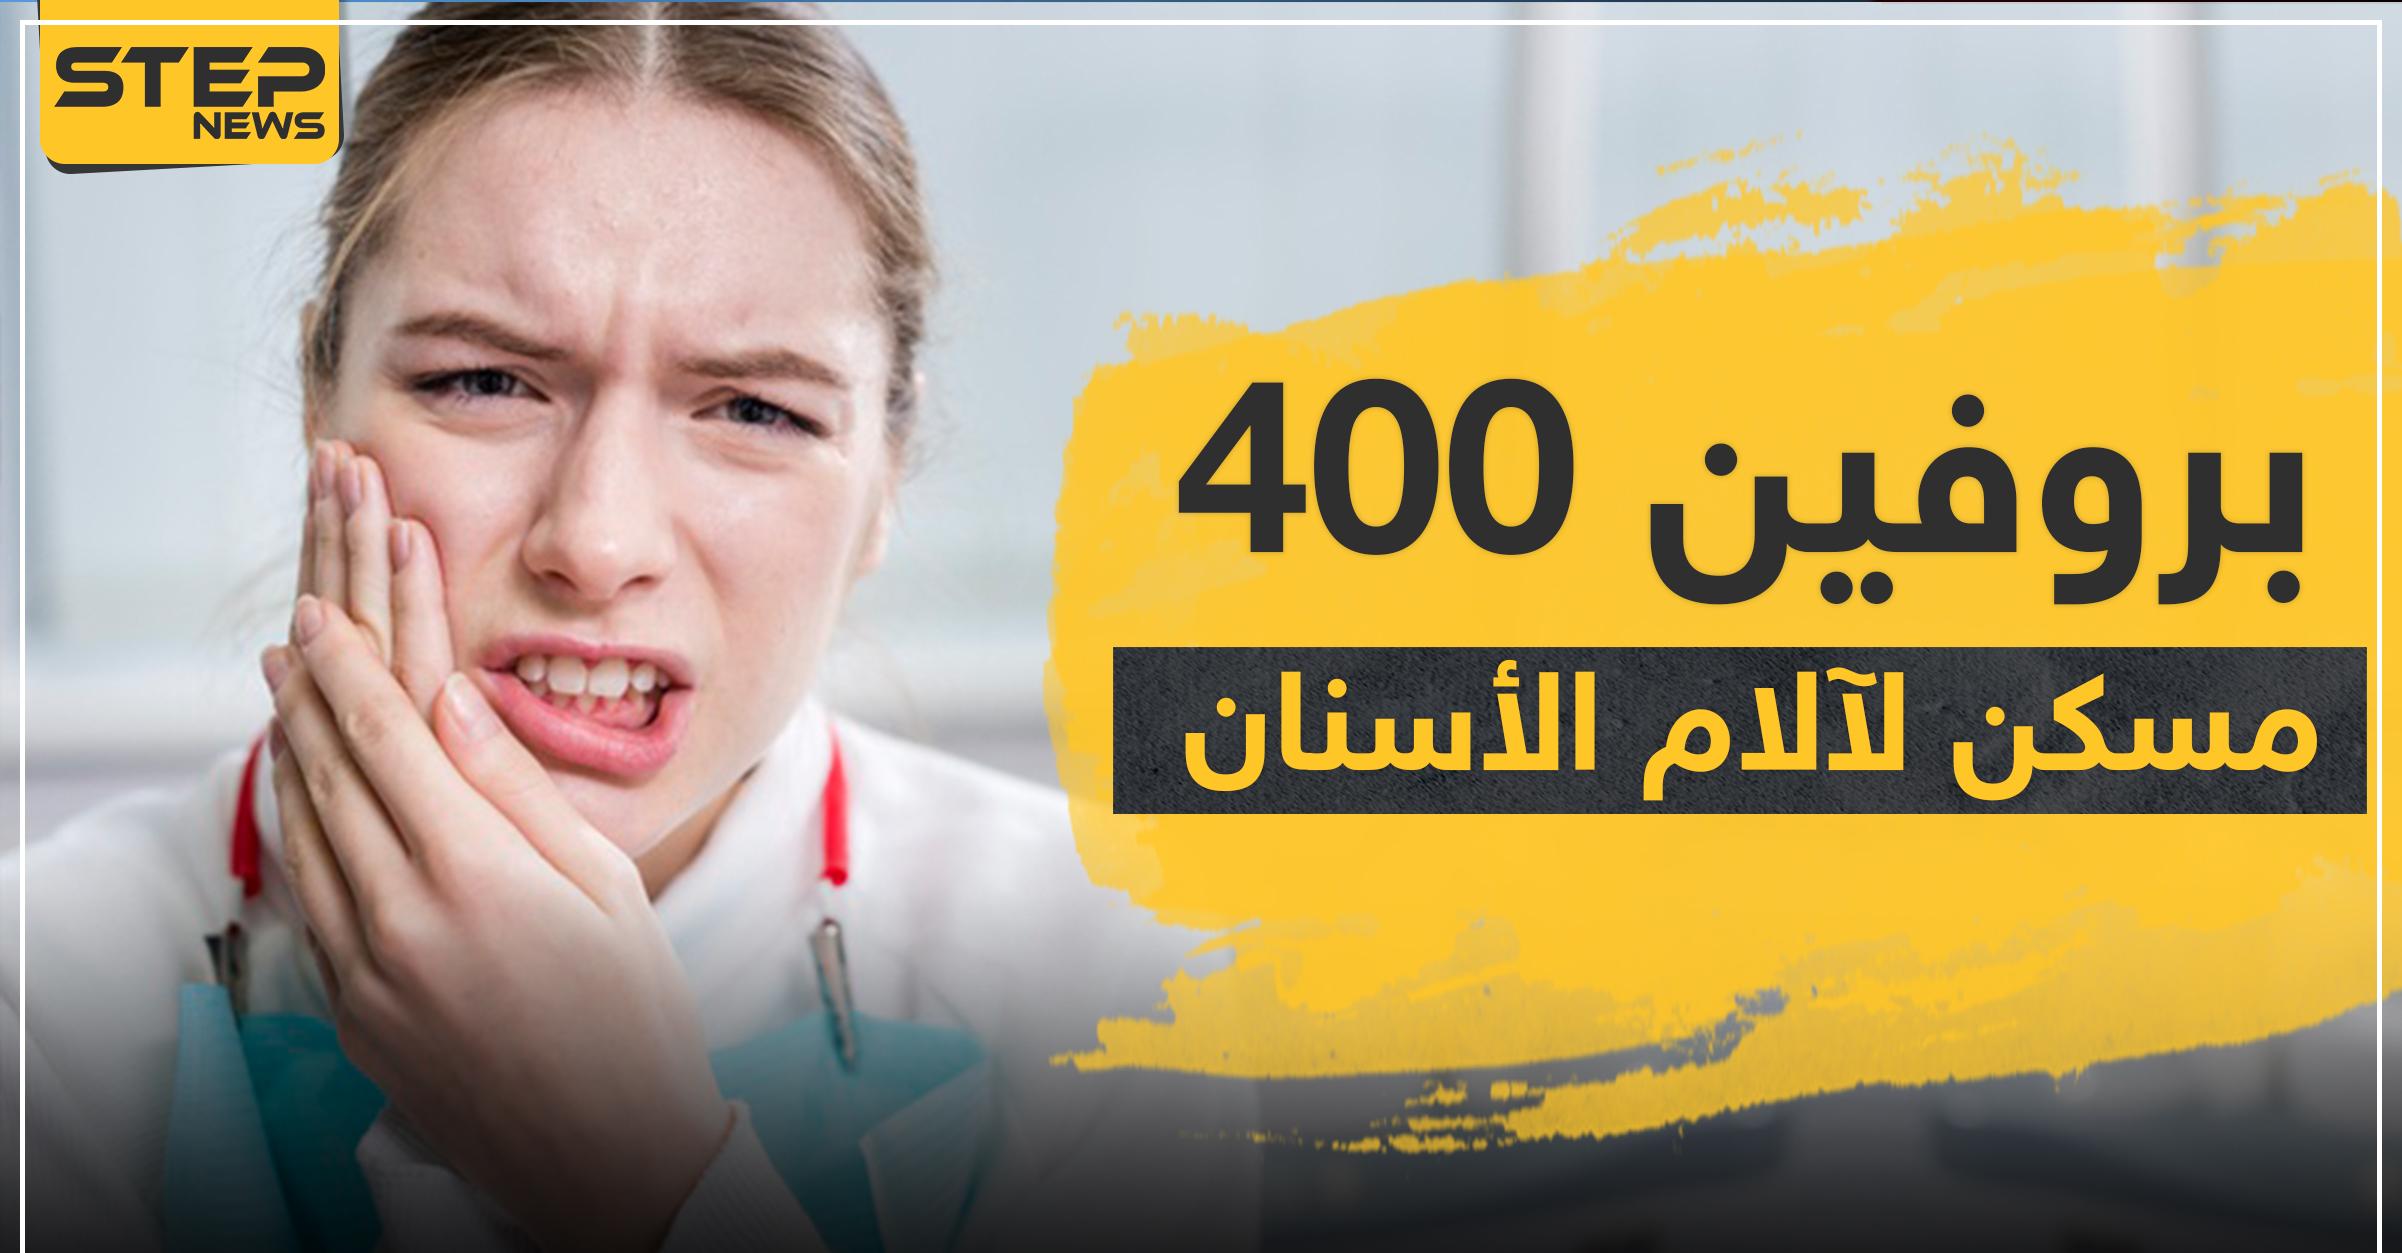 كل ما يجب أن تعرفه عن بروفين 400 للأسنان